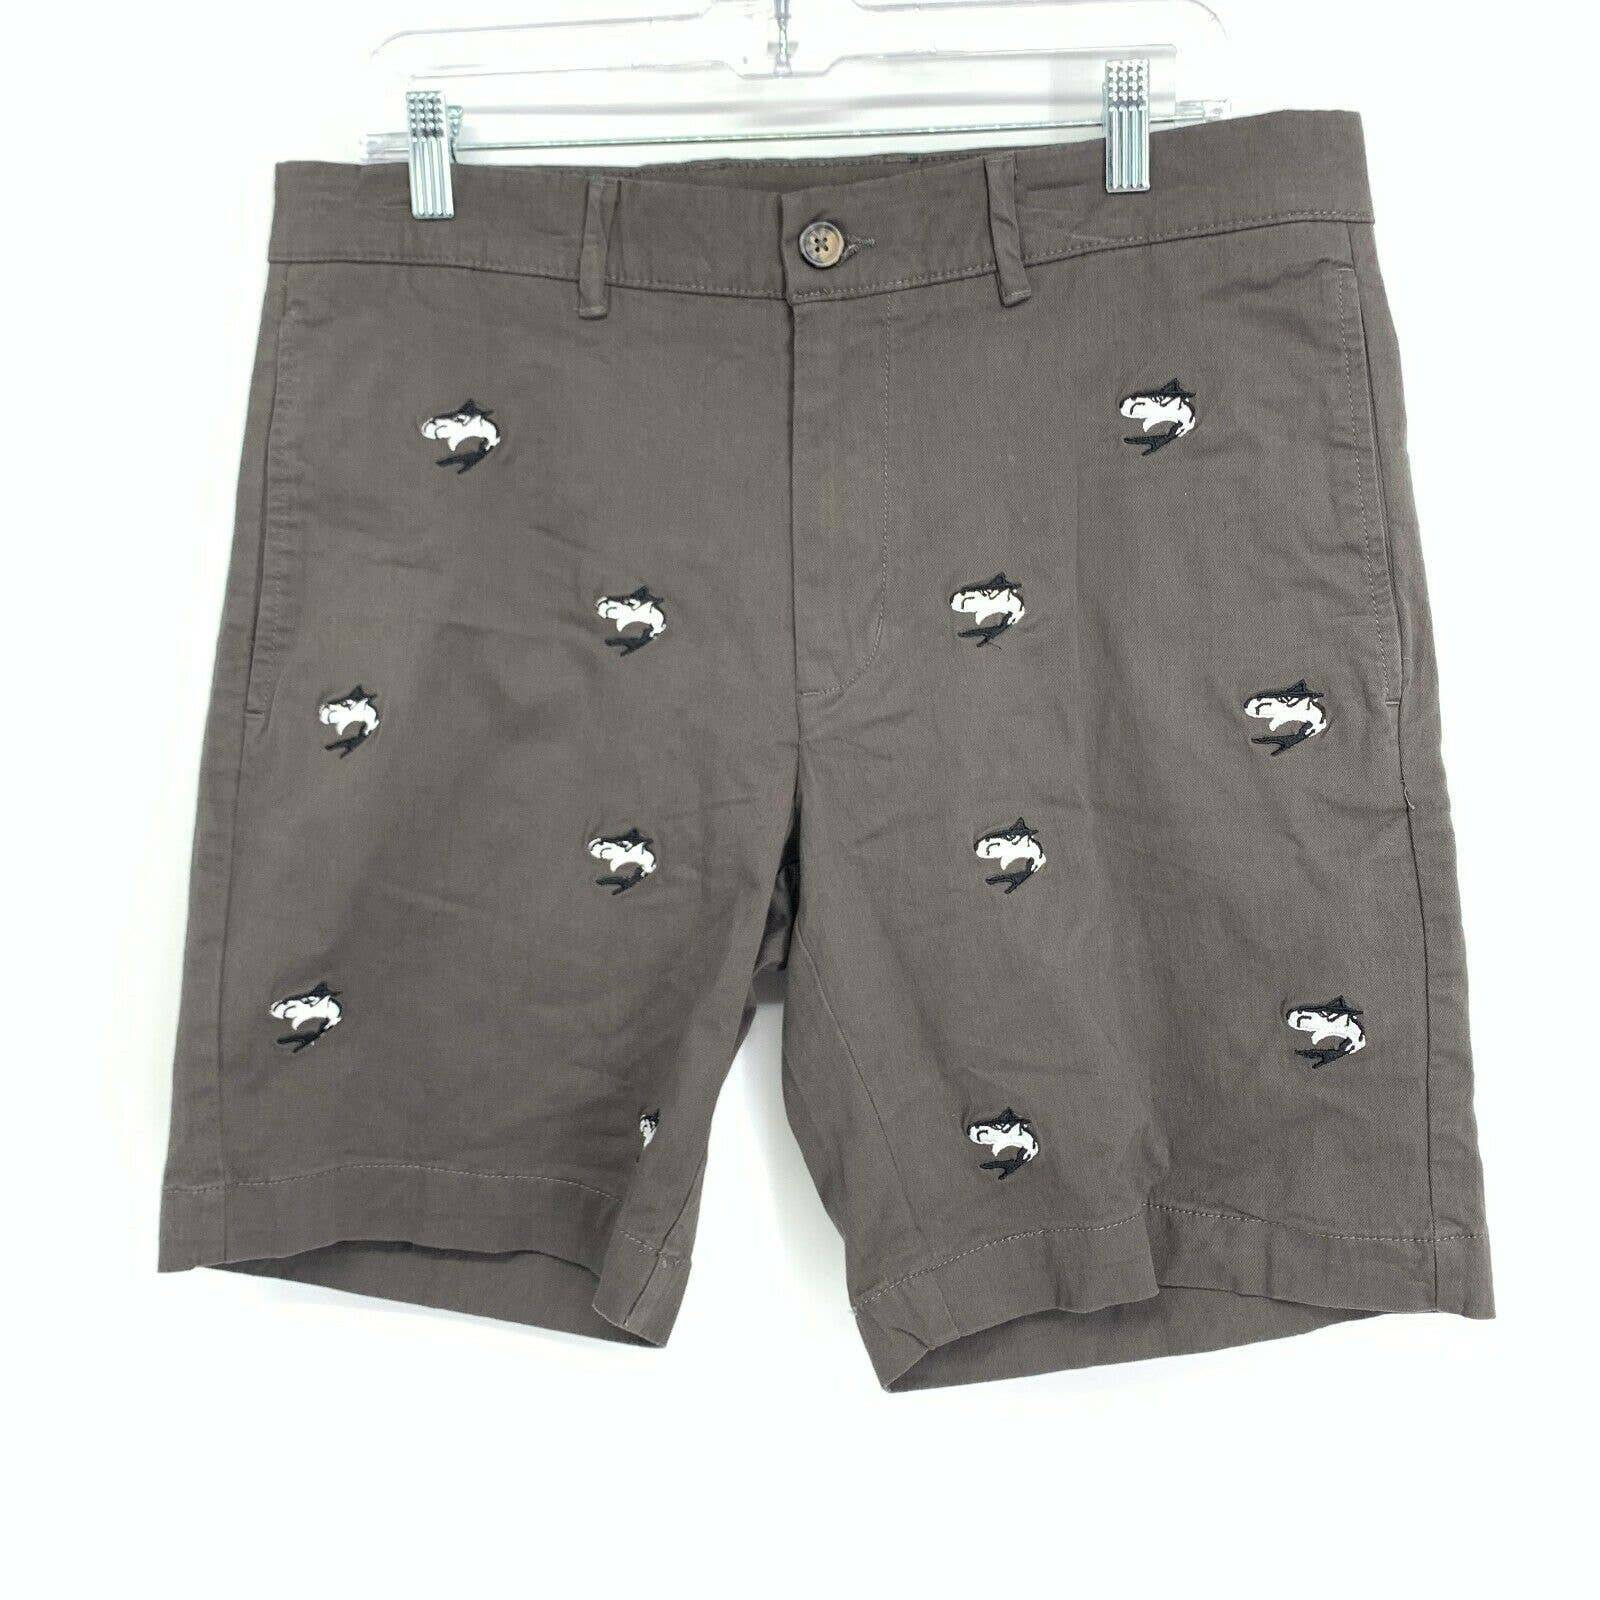 Vintage 1946 33 Shorts Shark Embroidered